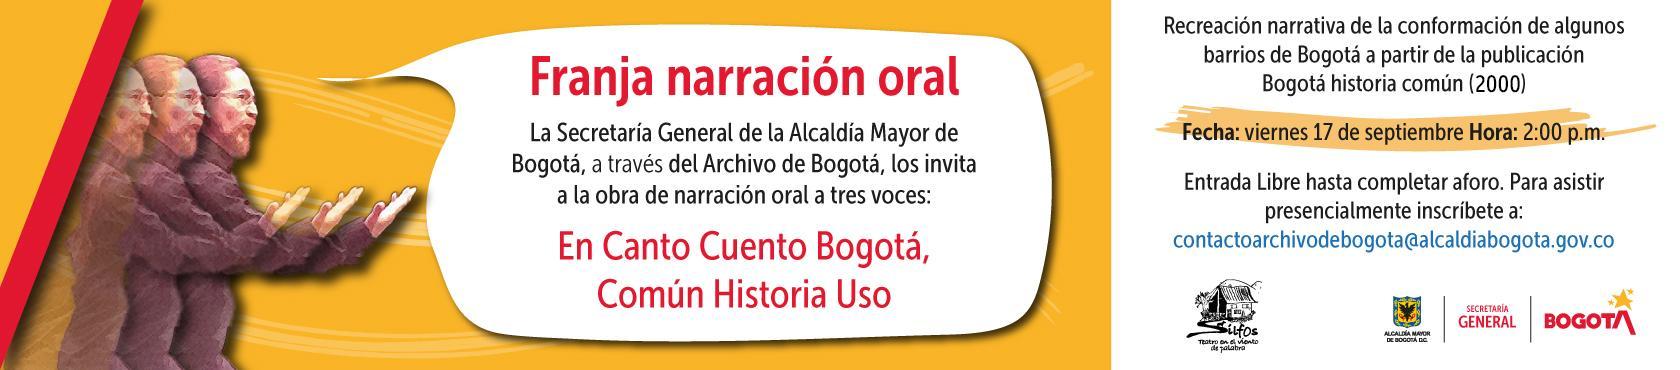 En Canto Cuento Bogotá, Común Historia Uso